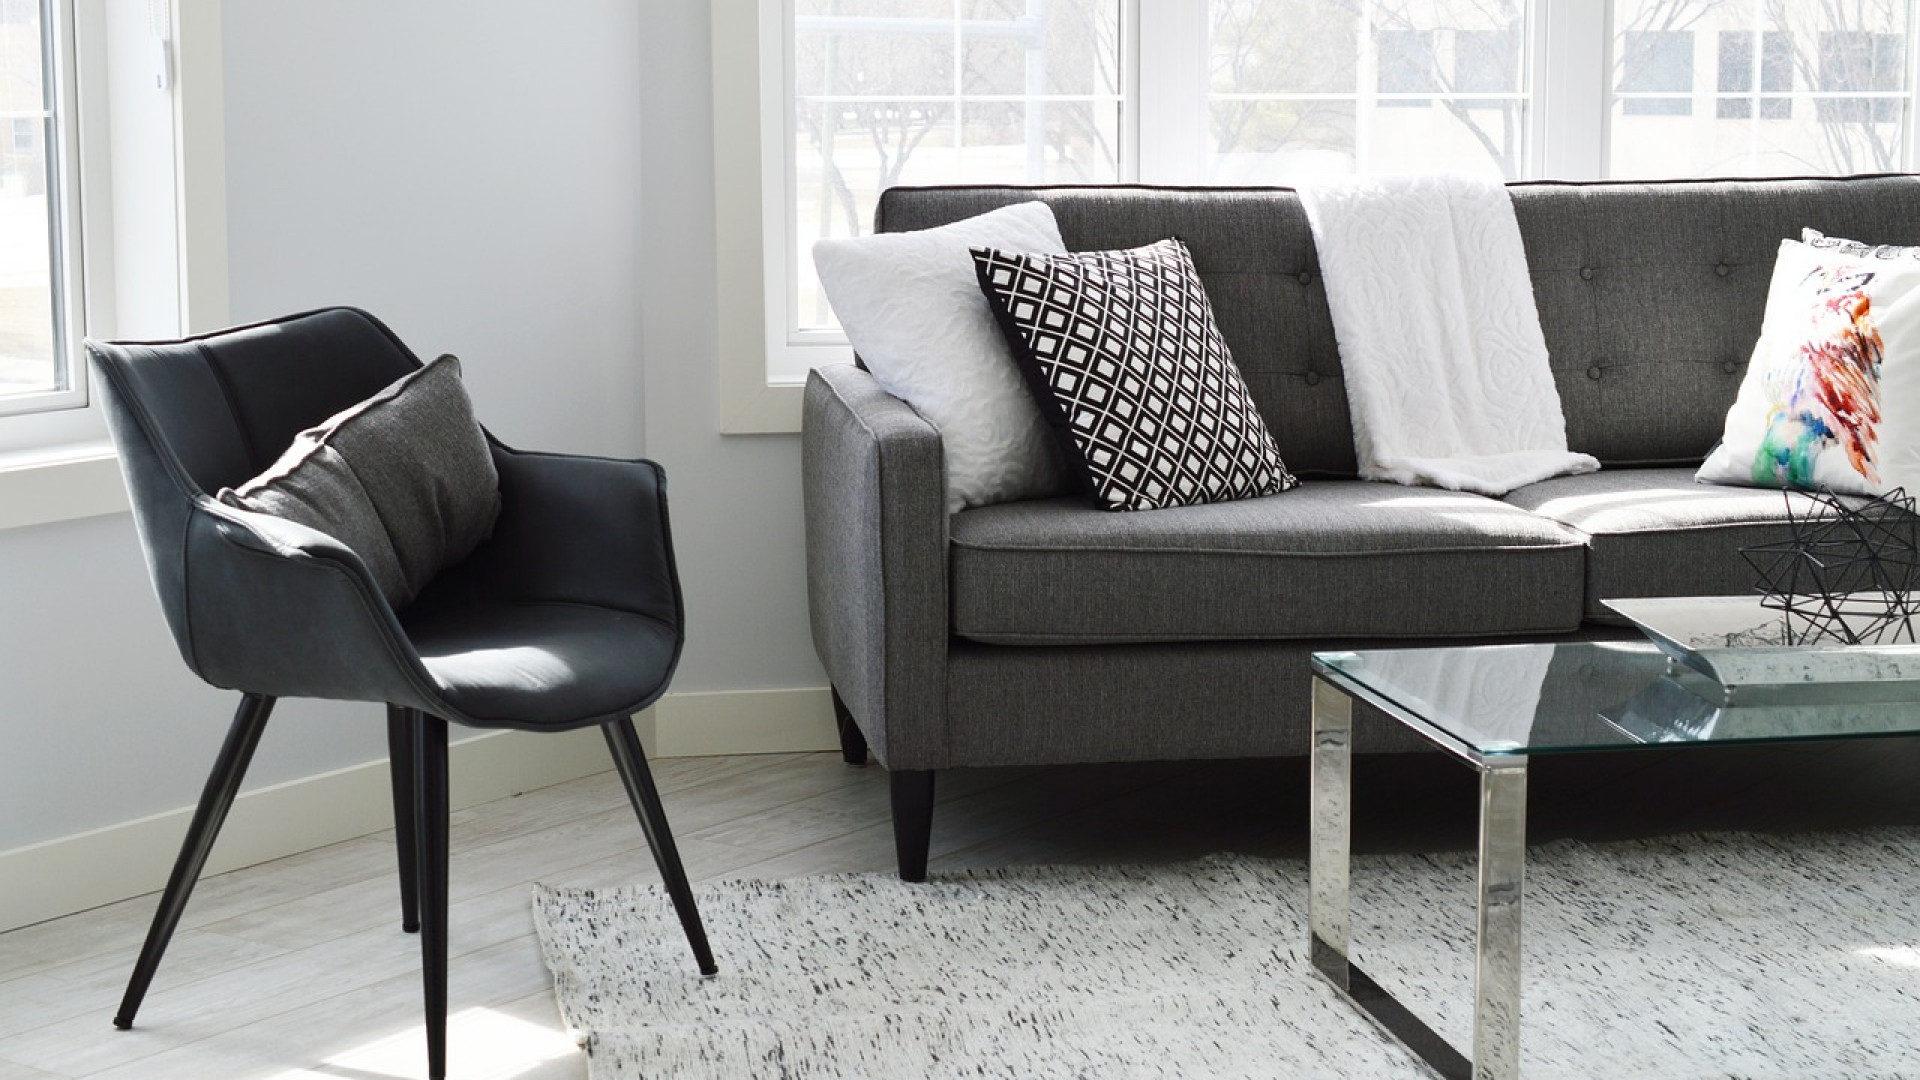 Choisir Un Canapé Densité comment choisir son canapé de salon ?